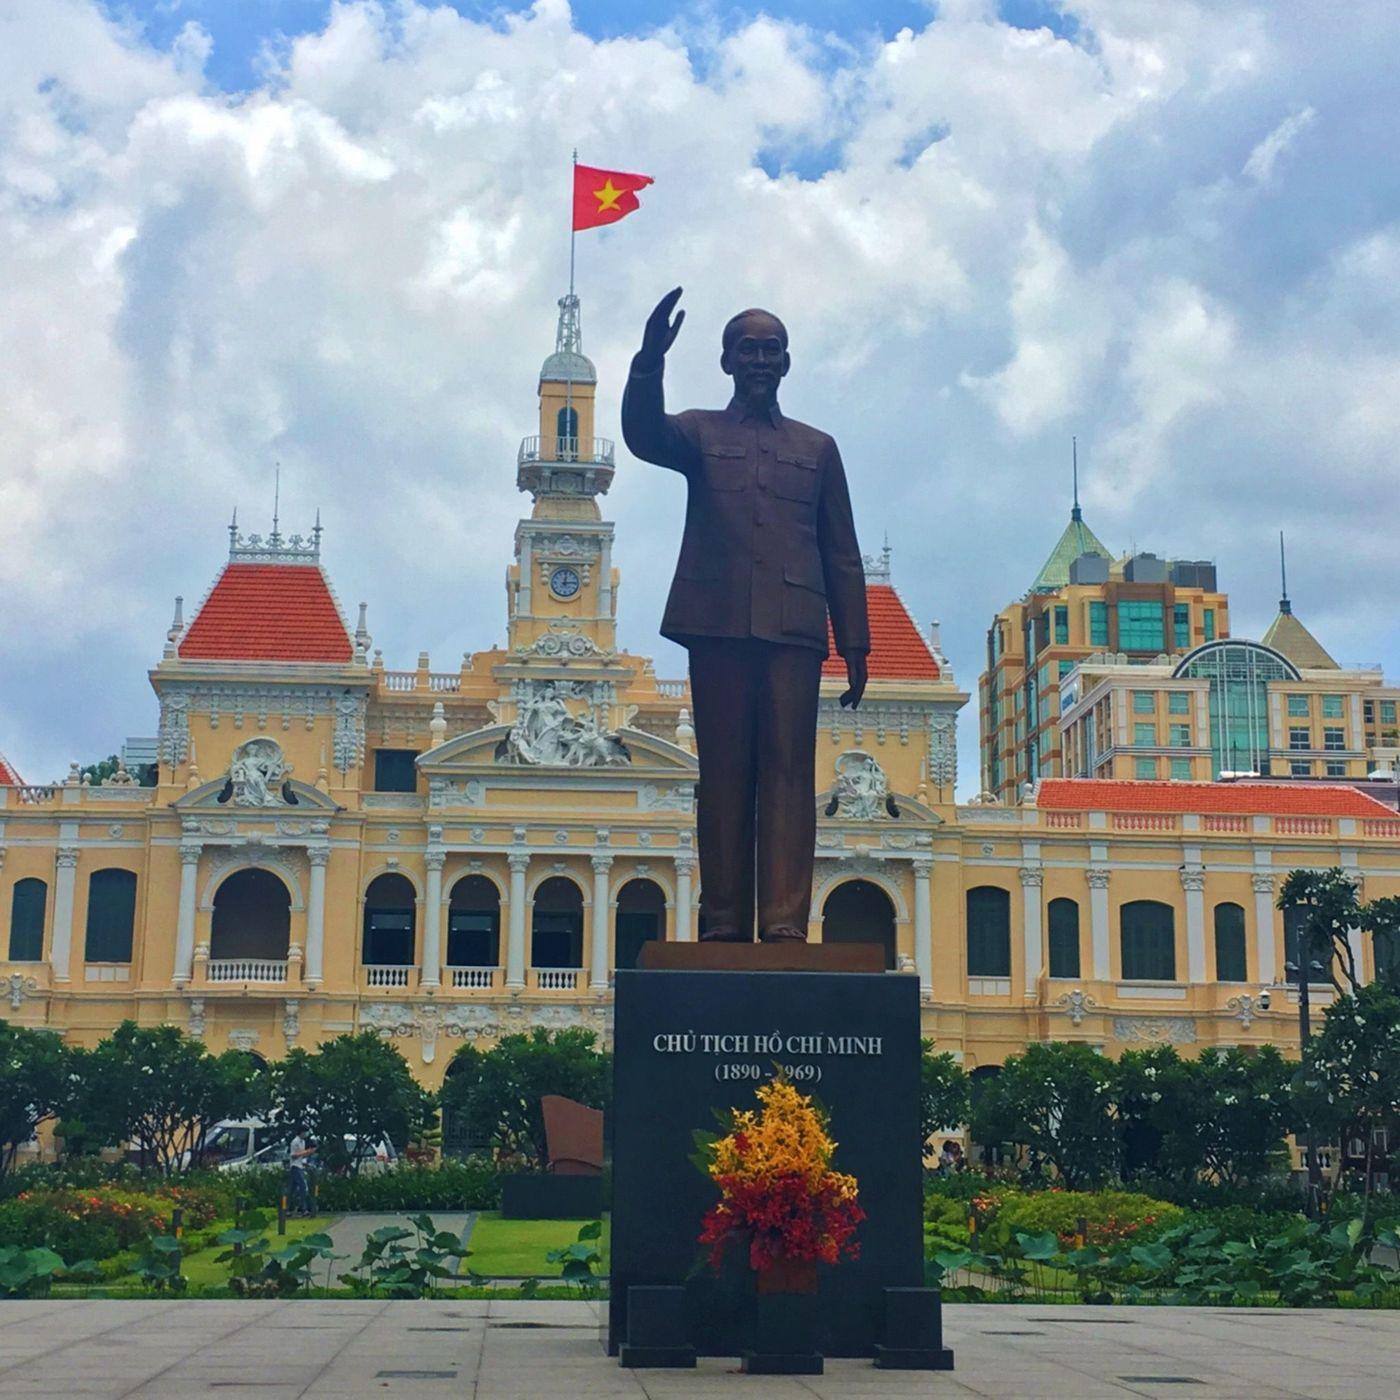 インスタ映えは欠かせない!ベトナム・ホーチミンで女子旅はいかが?の画像